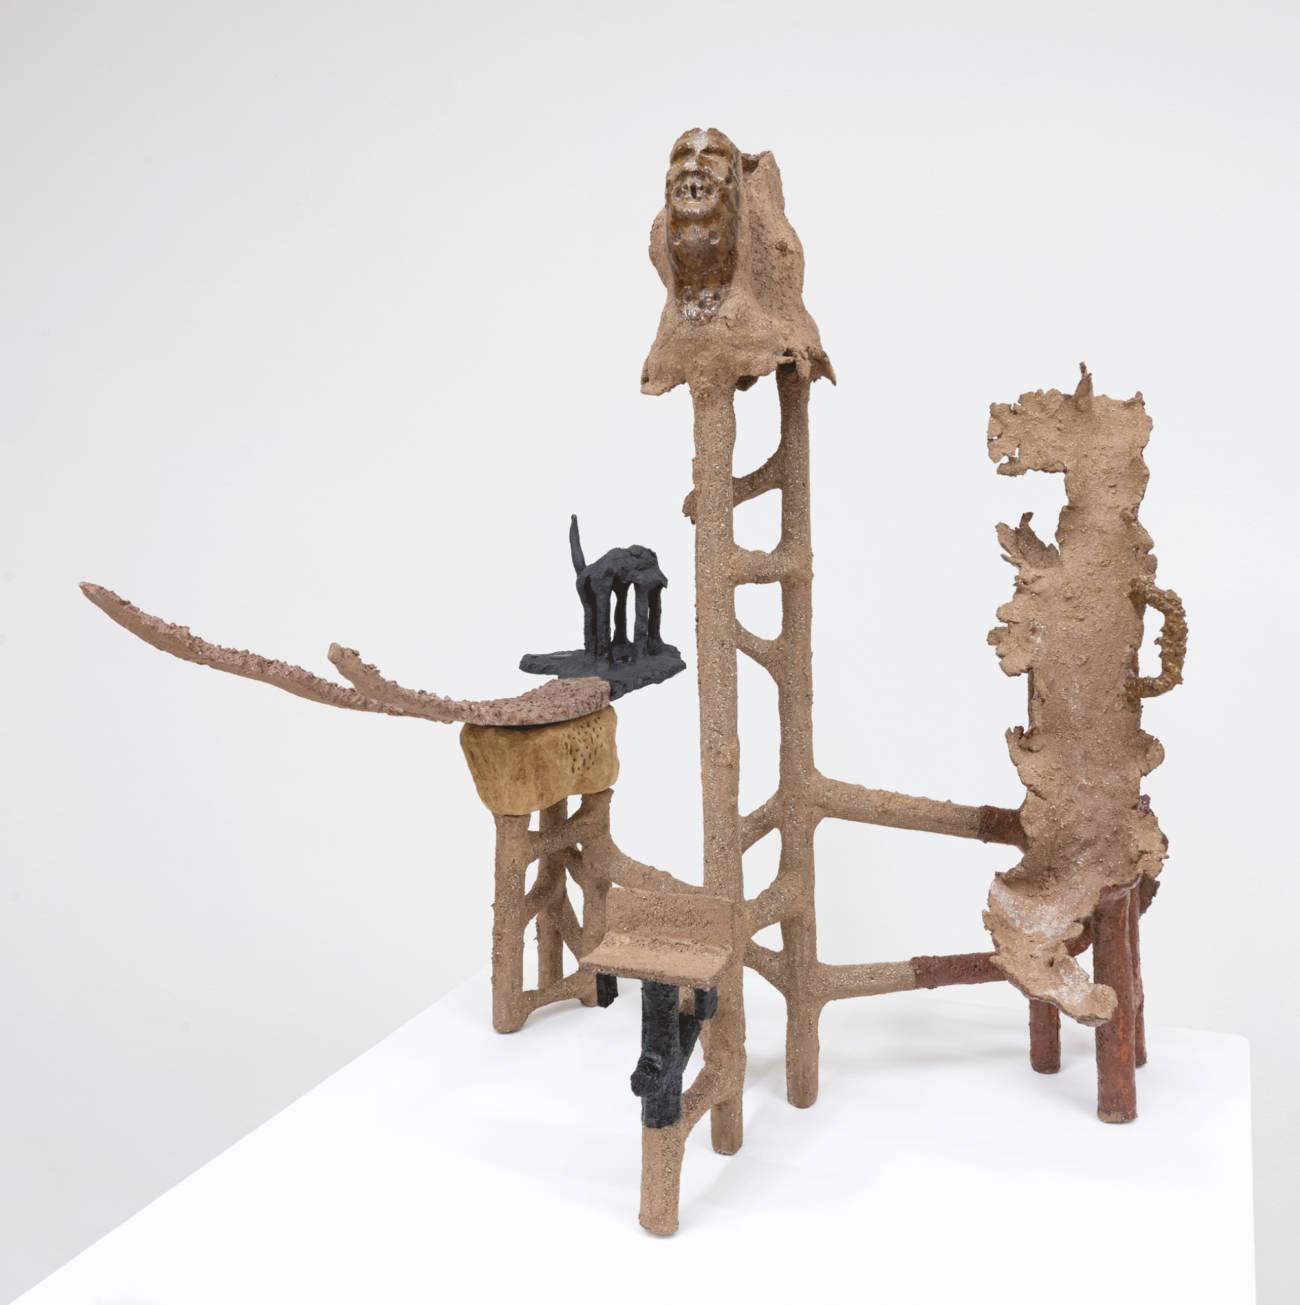 T'ong Jen 2020 Céramique et bois 73 x 68 x 65 cm Courtesy de l'artiste et de la galerie Catherine Issert